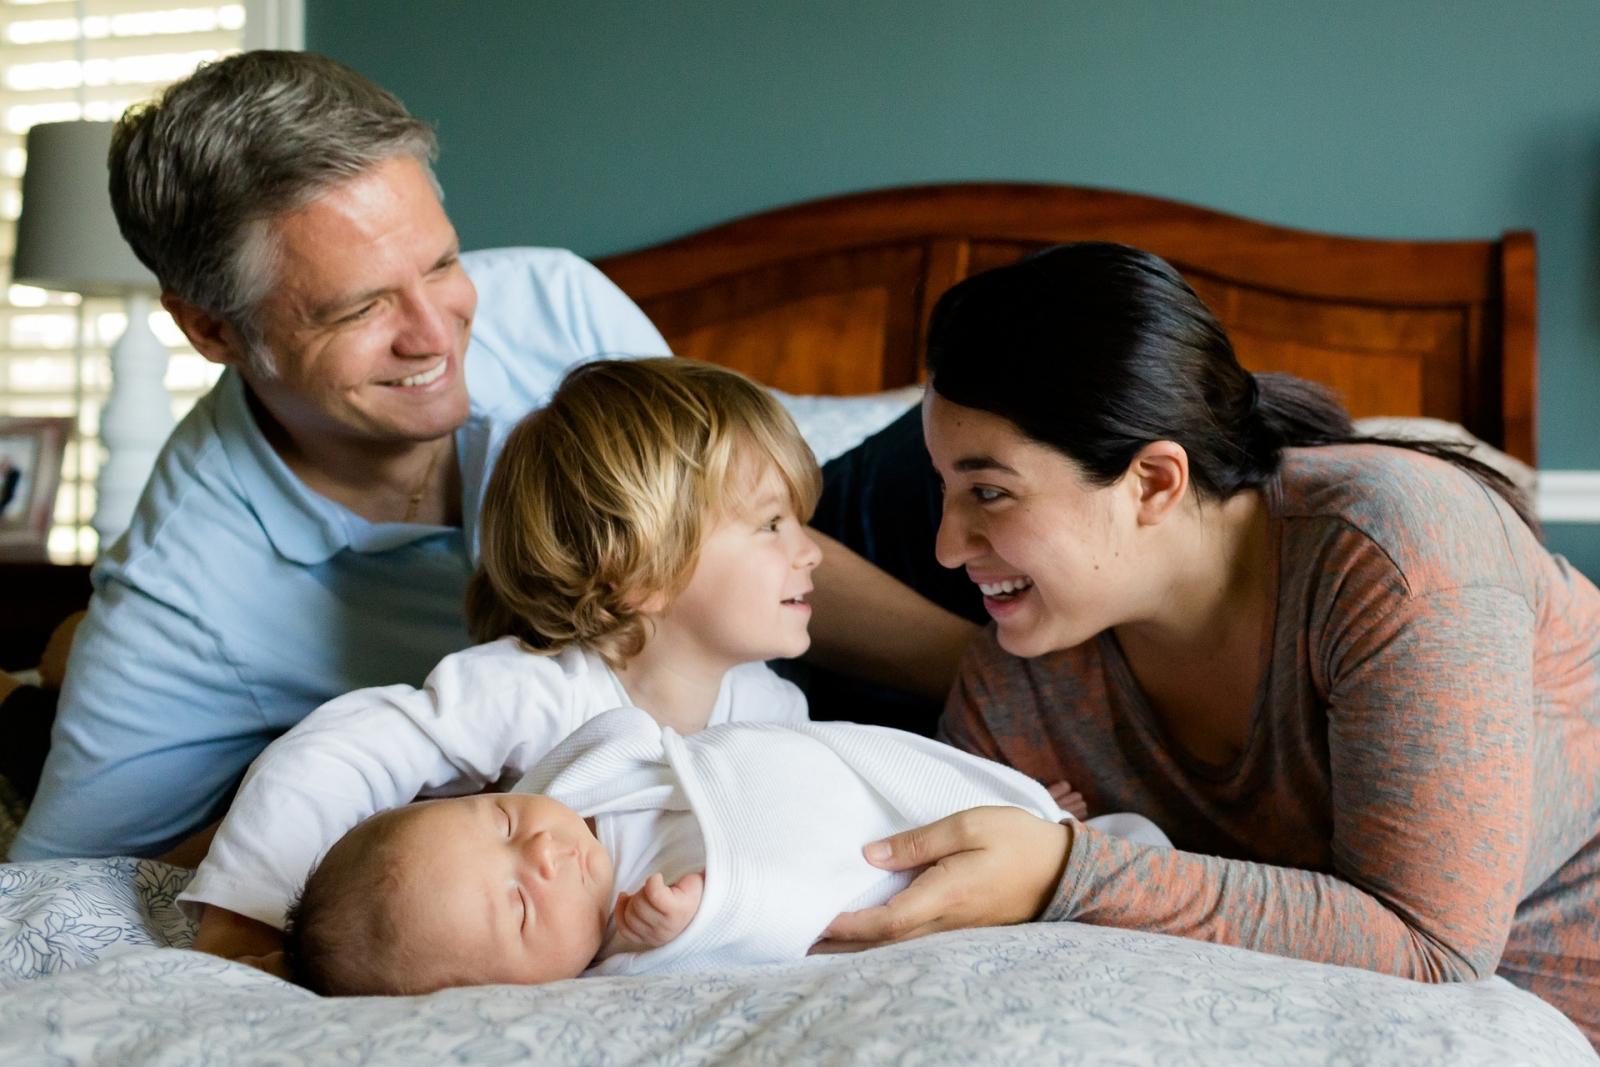 nyugodt napok családi biztonságban